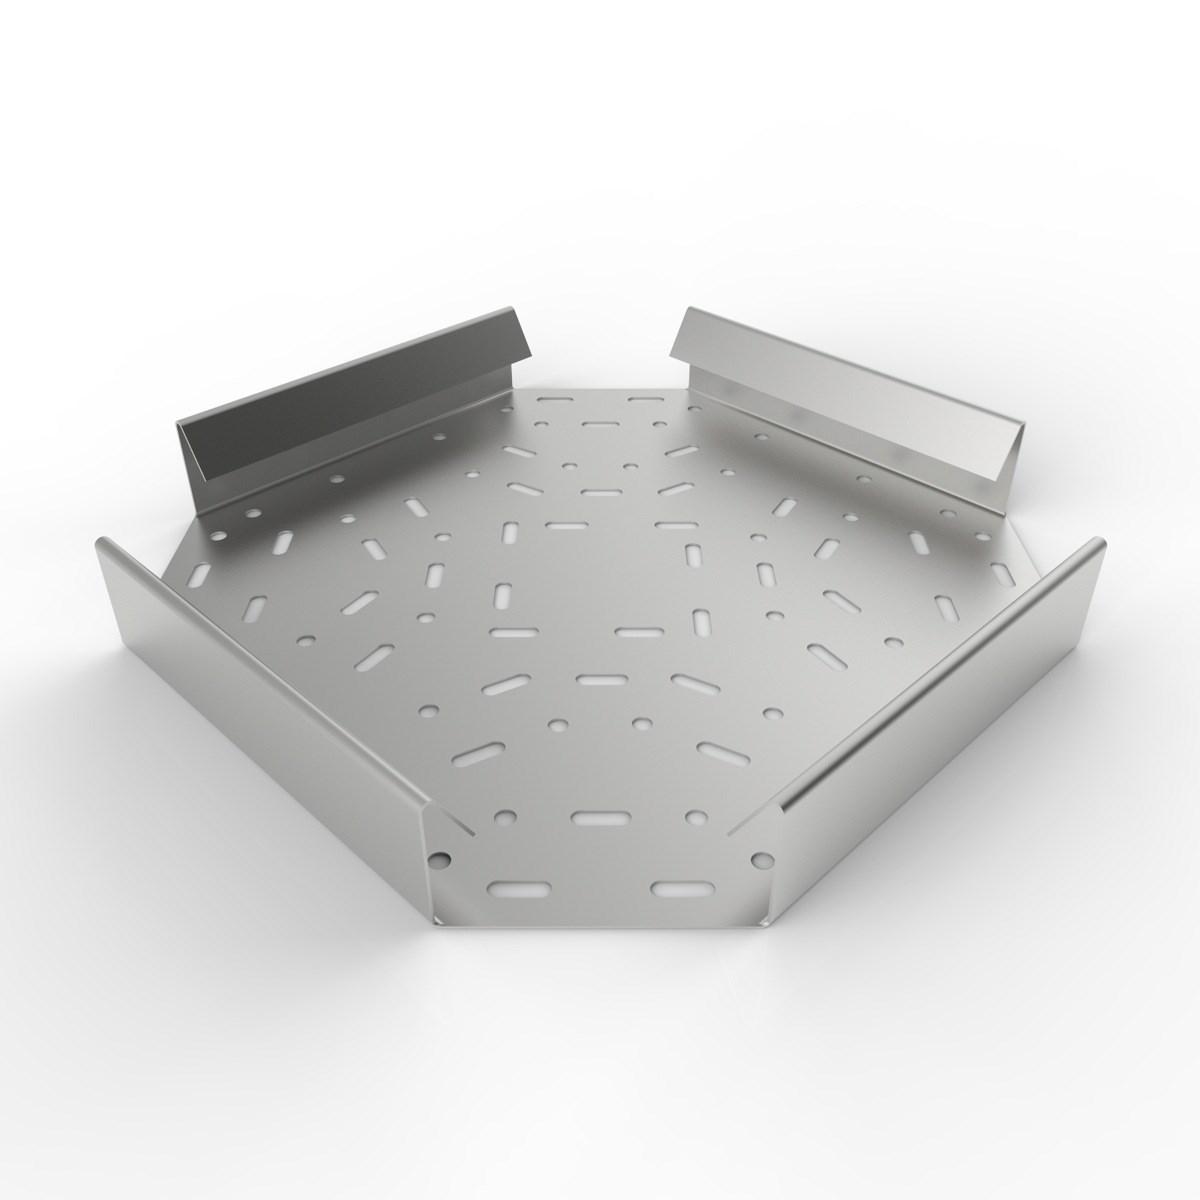 Bande moul/ée pour couvercle de fen/être arri/ère en acier inoxydable chrom/é pour Rifter//Berlingo//Combo E 2018+